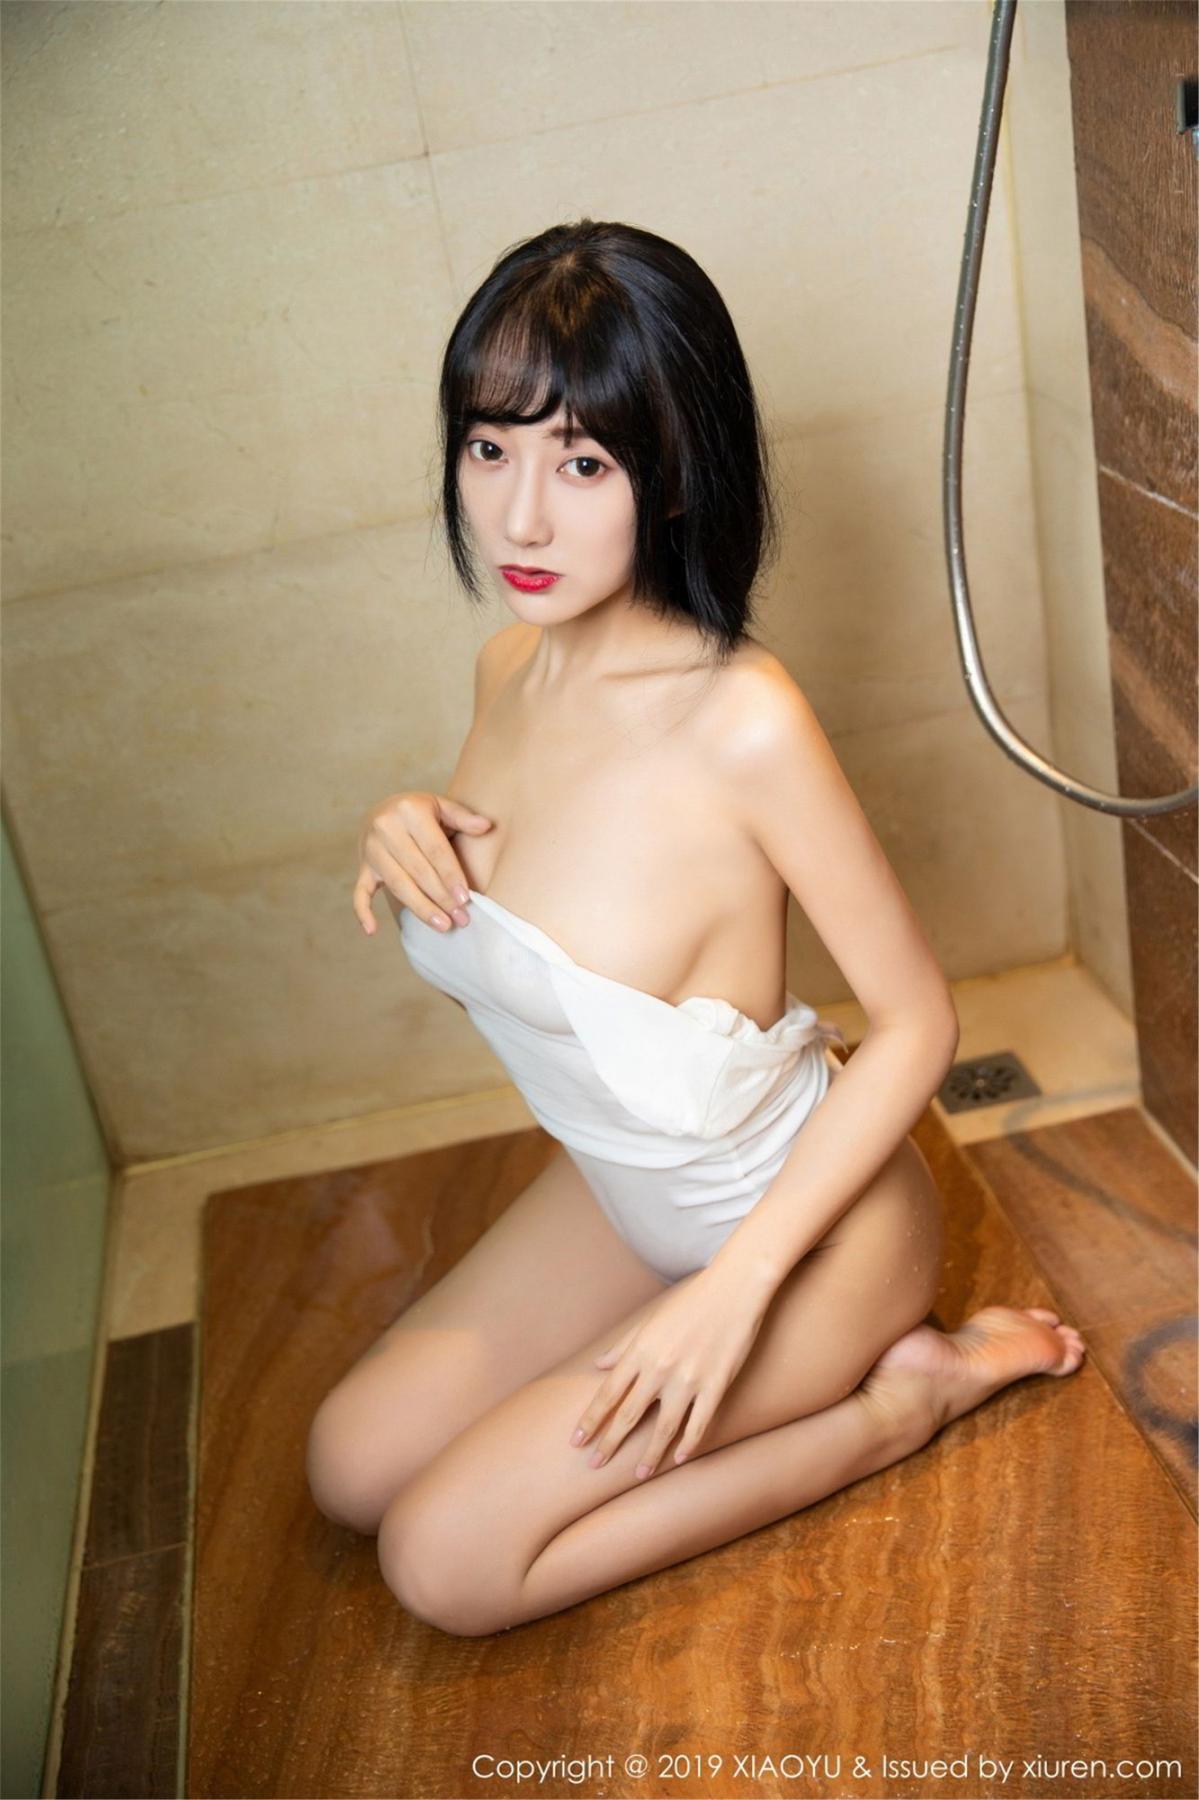 [XiaoYu] Vol.116 He Jia Ying 43P, Bathroom, He Jia Ying, Wet, XiaoYu